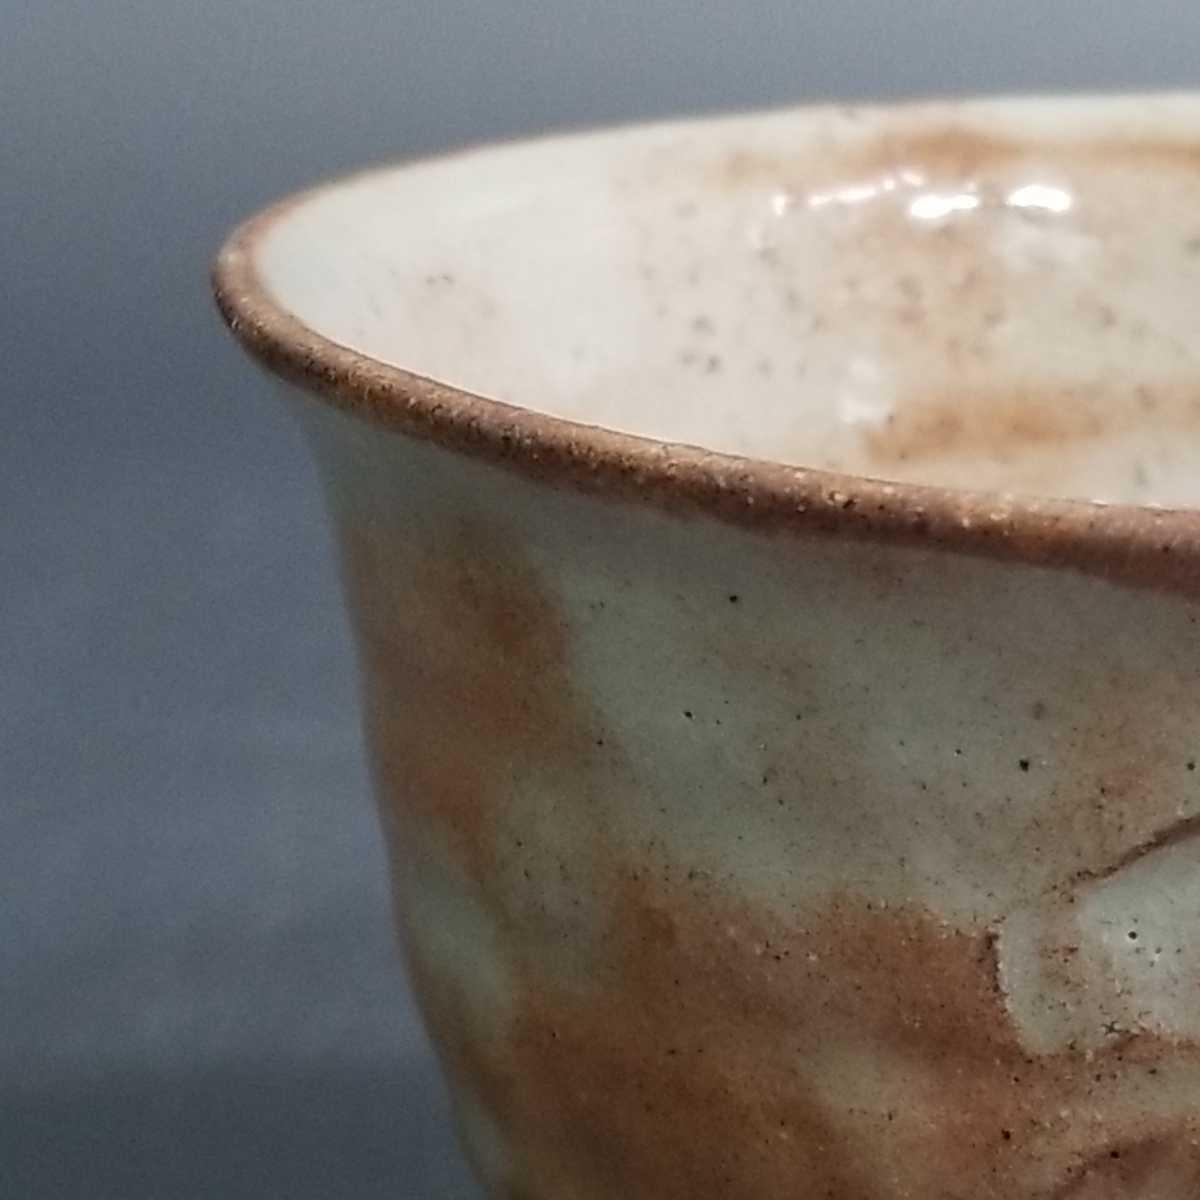 緒63)萩焼 渋谷泥詩 見島コーヒーカップ マグカップ 珈琲器 茶器 未使用新品 同梱歓迎_画像10